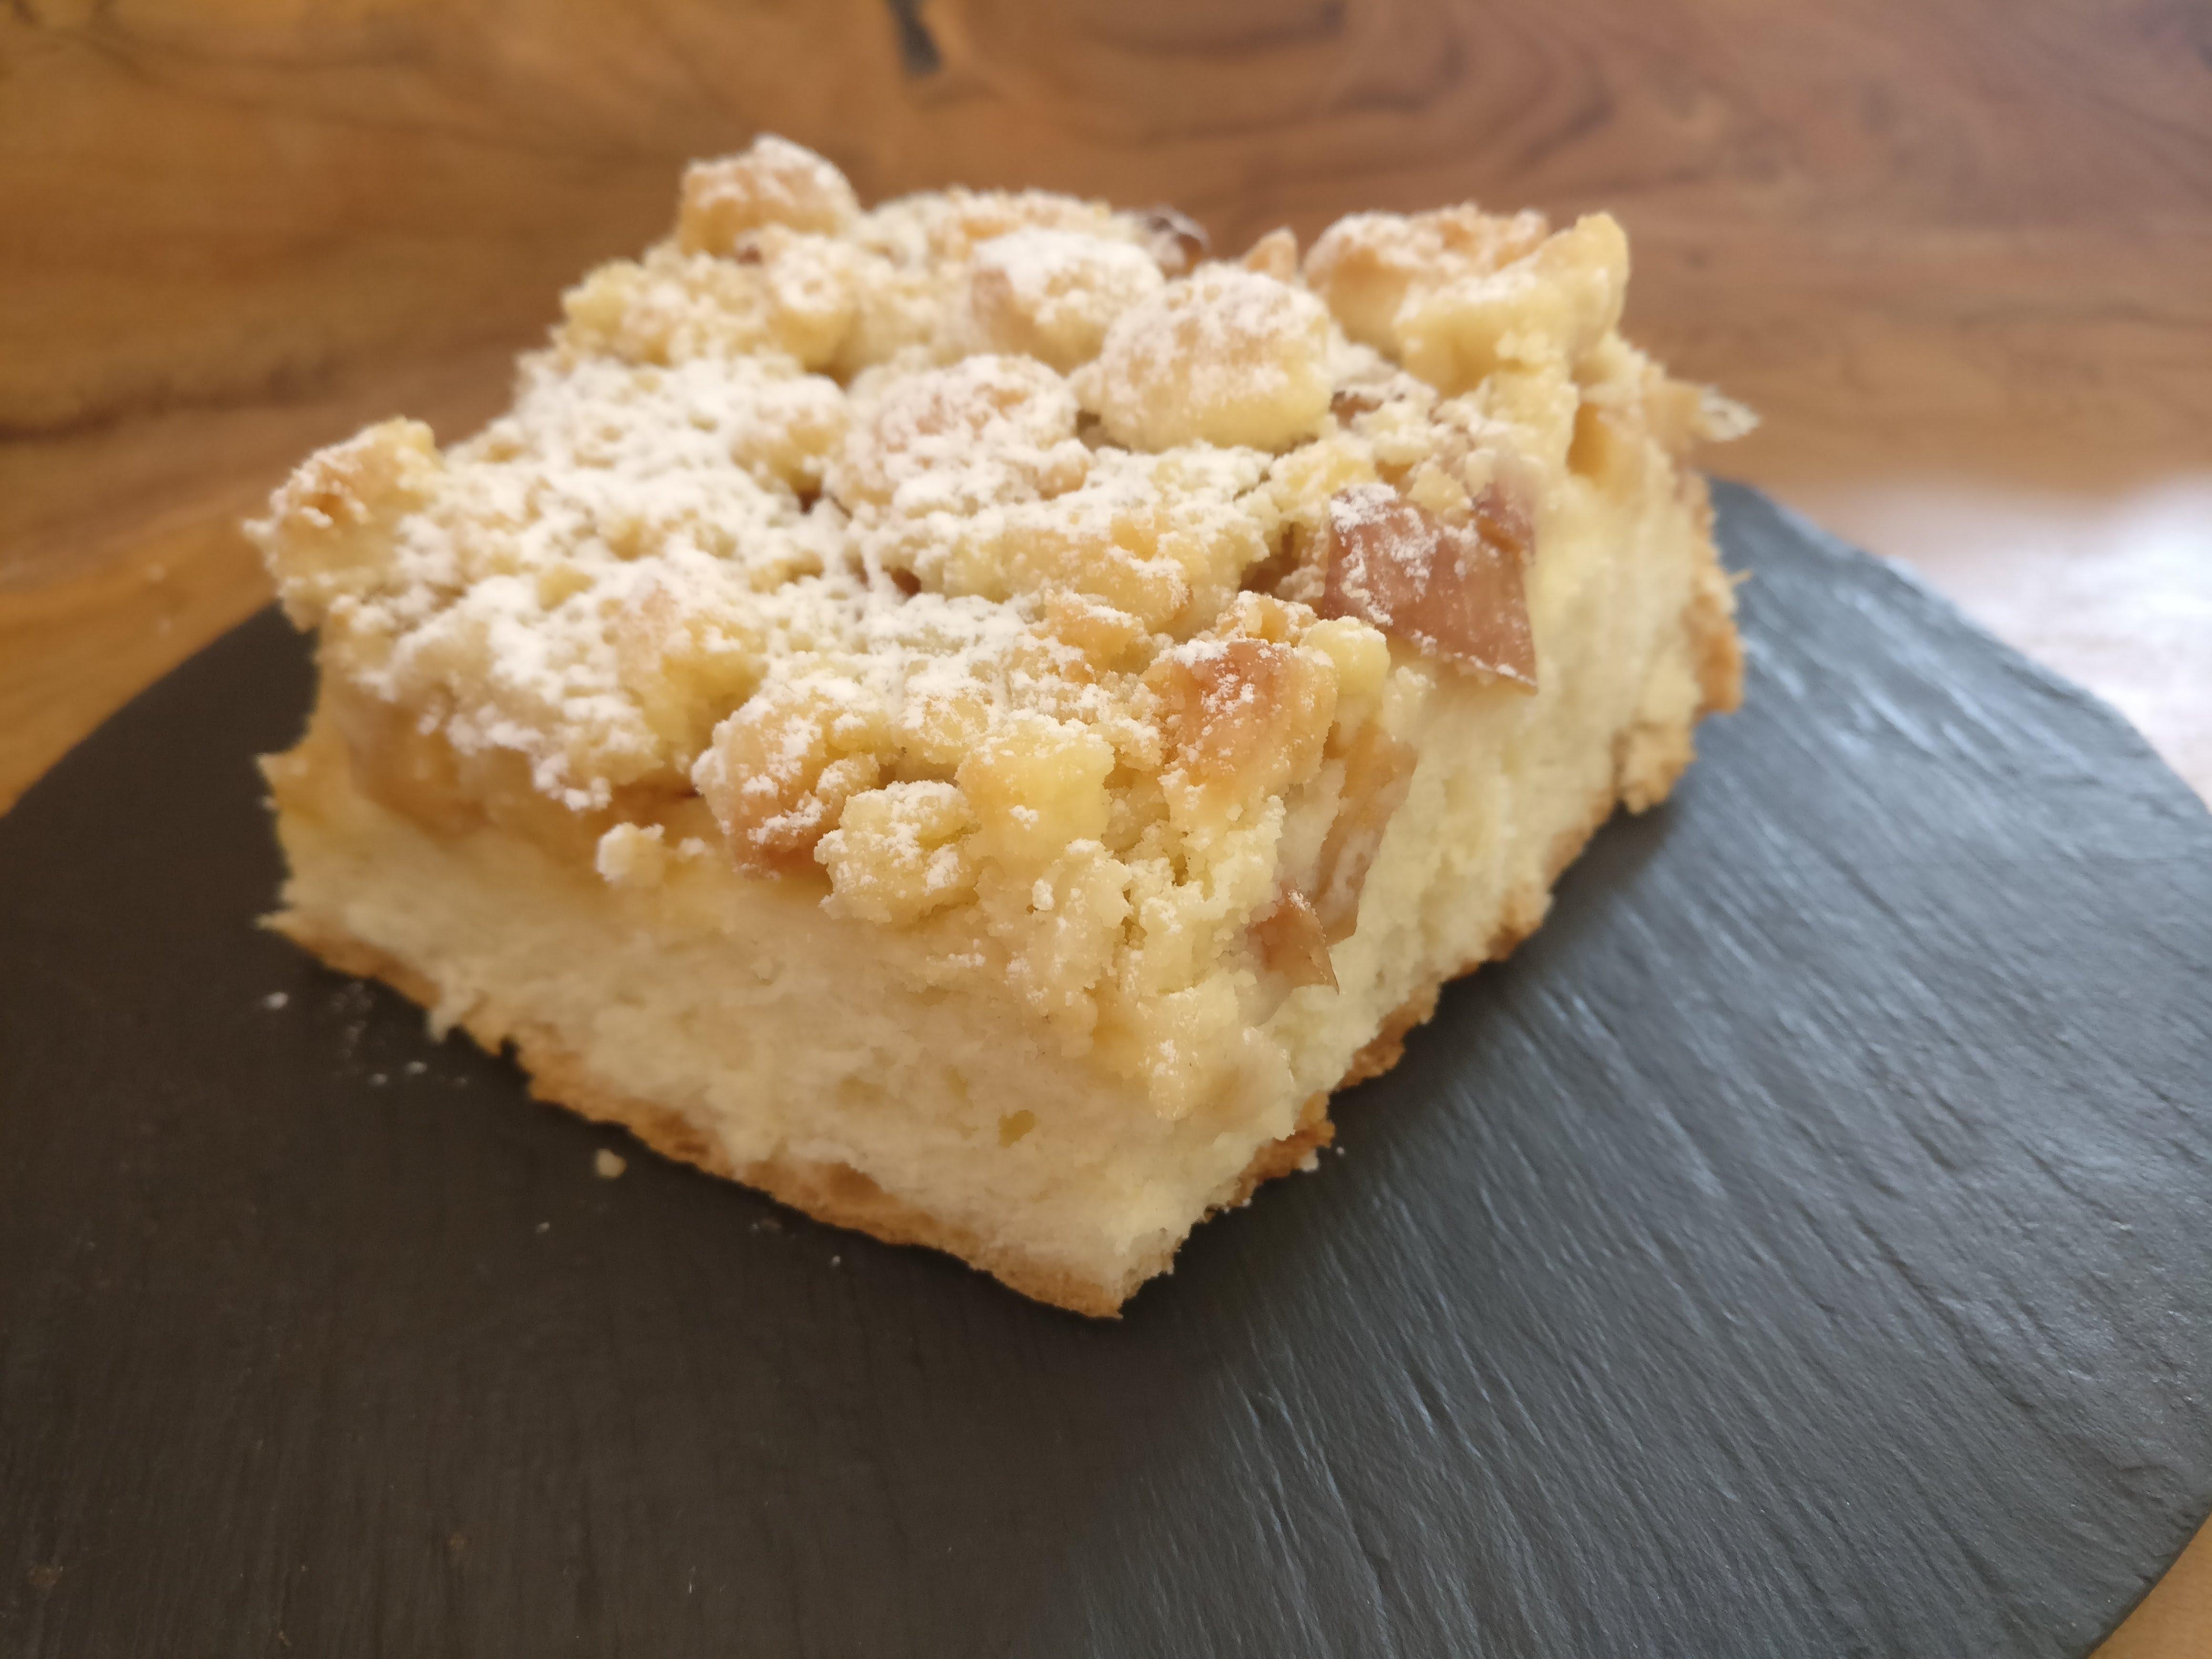 Apfel/Zimt Streuselkuchen